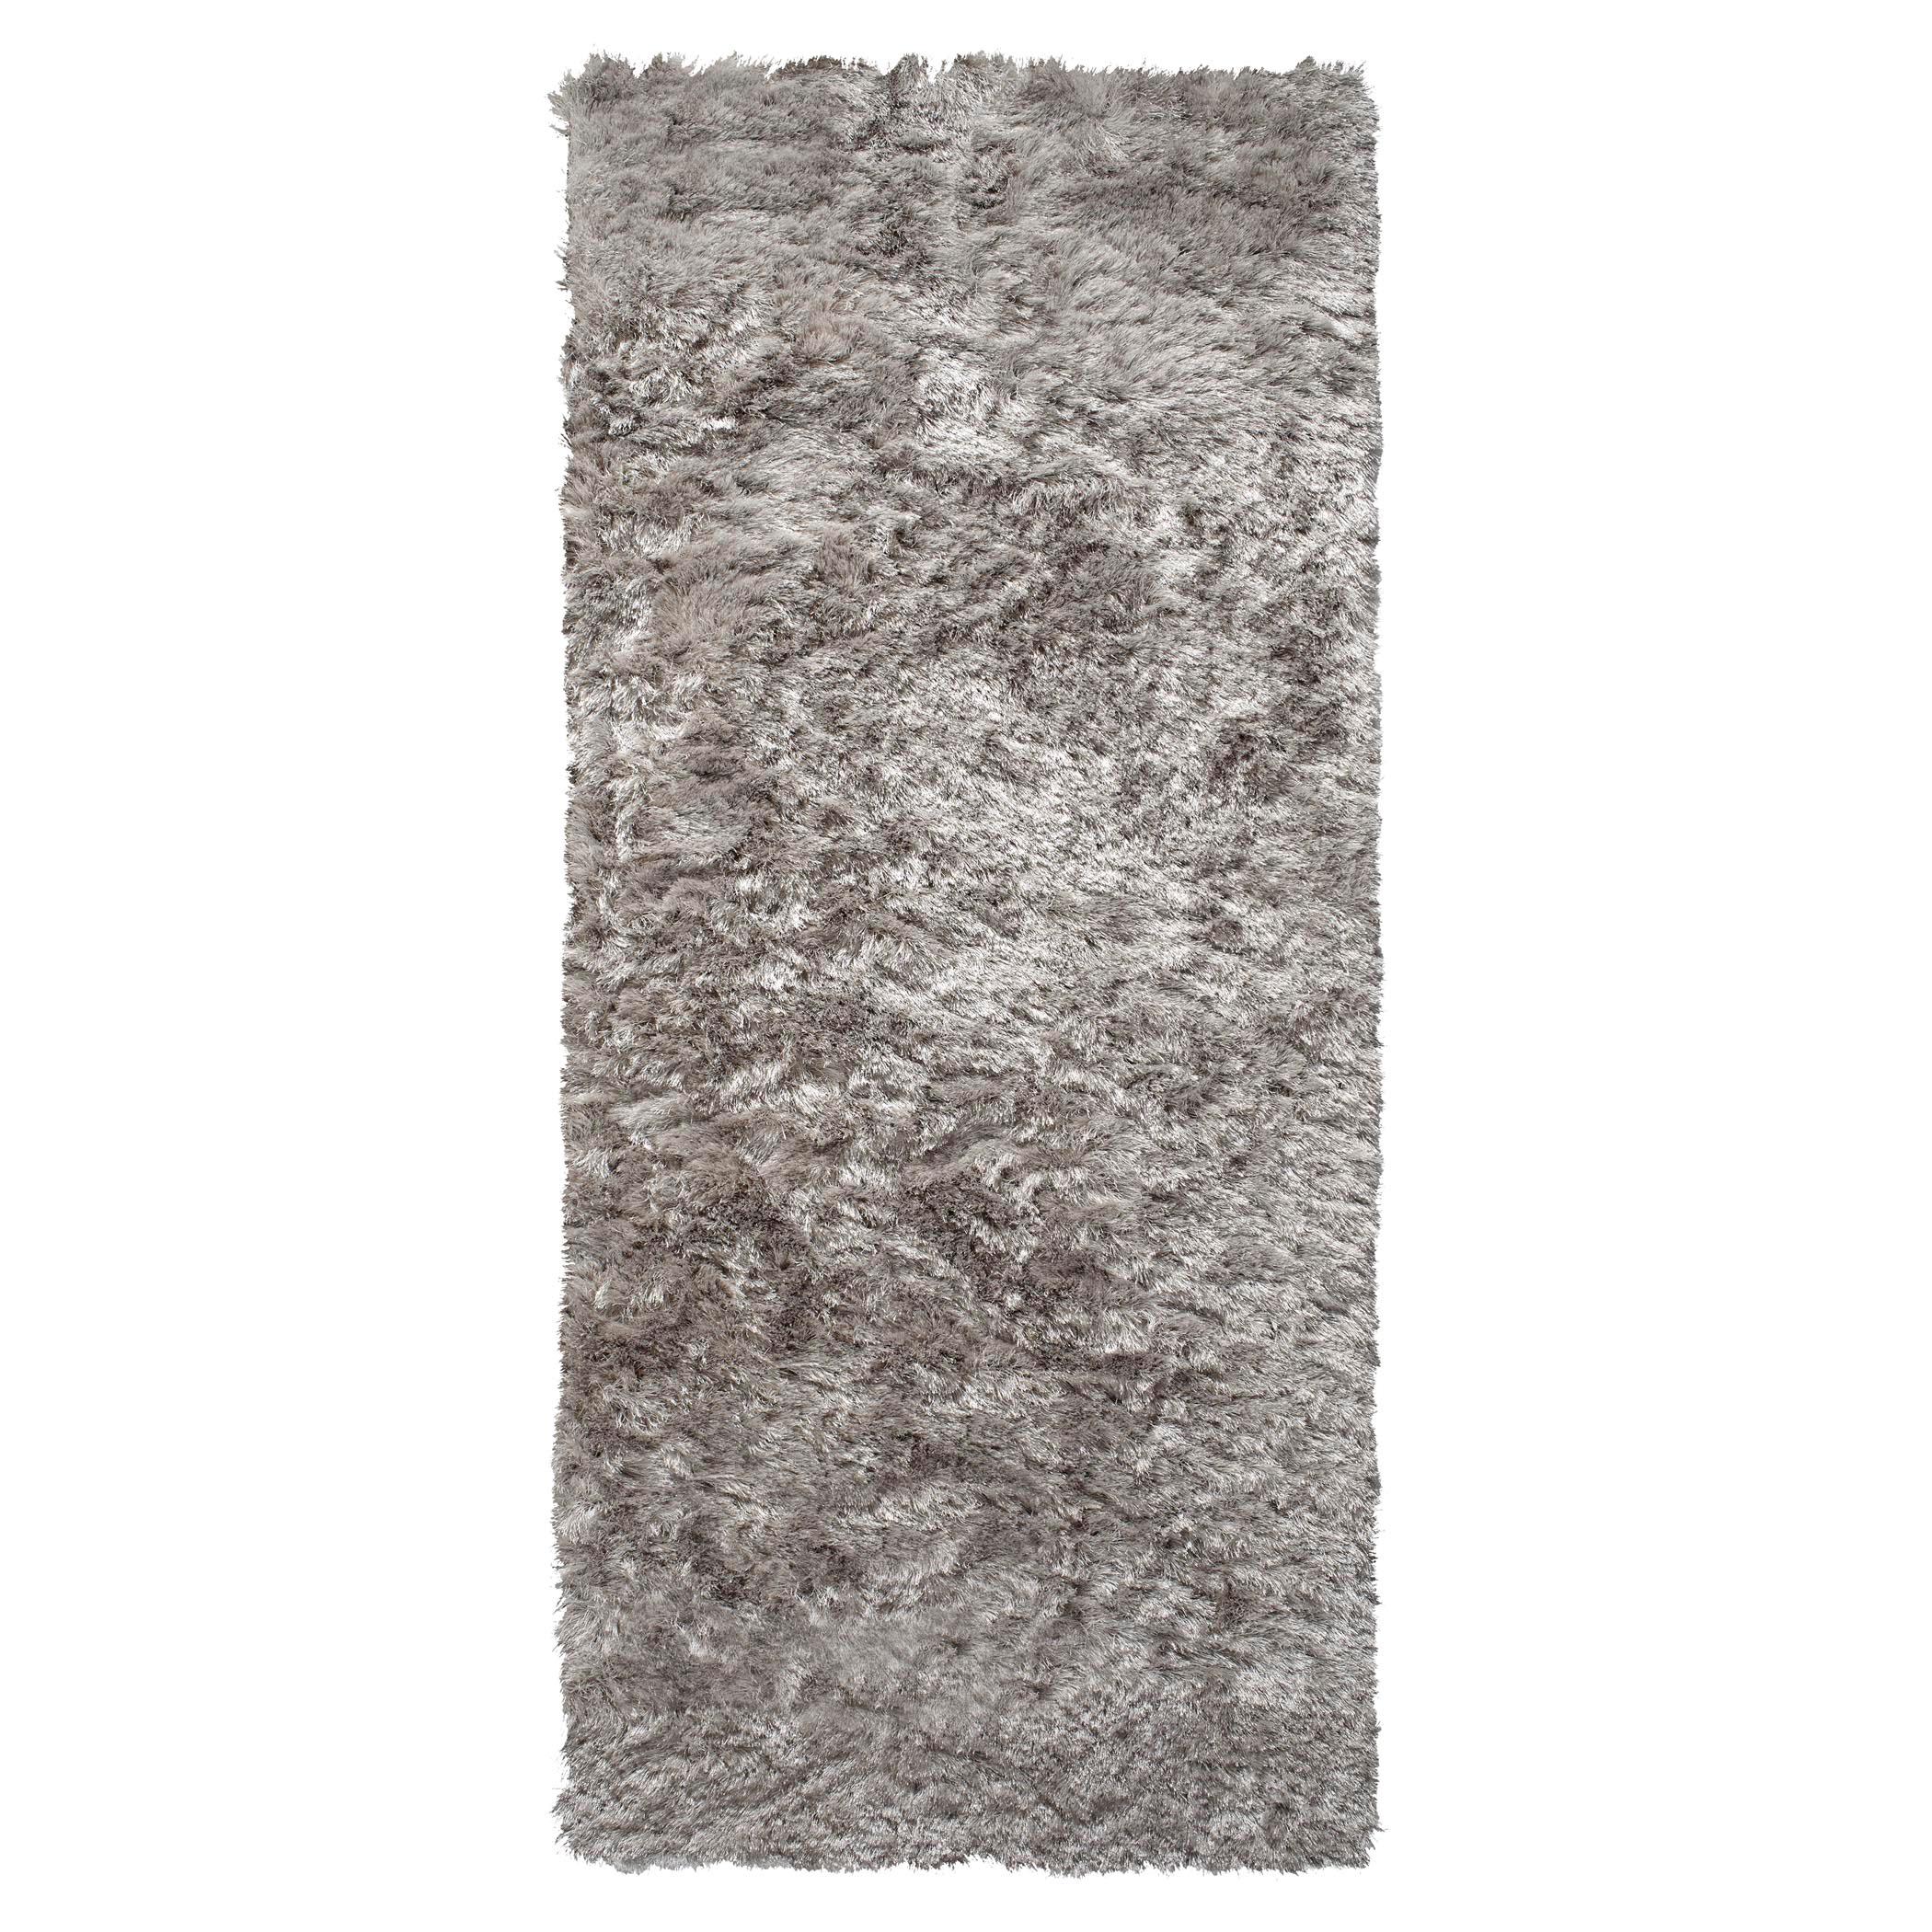 Indochine Rug - Platinum